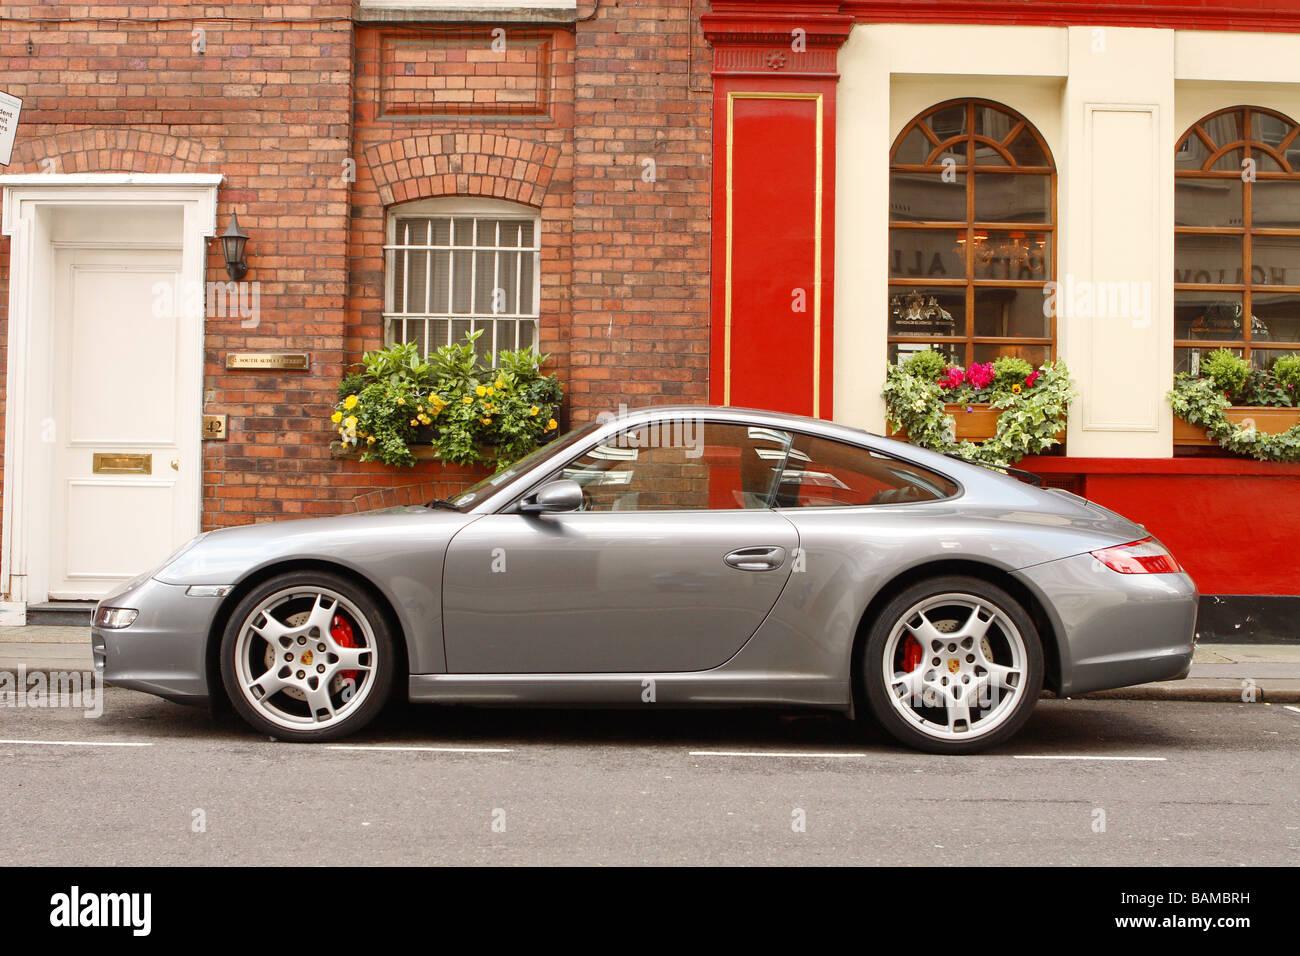 Porsche Carrera S London Luxus-Sportwagen in der exklusiven Adams Zeile Straße in Mayfair London geparkt Stockbild